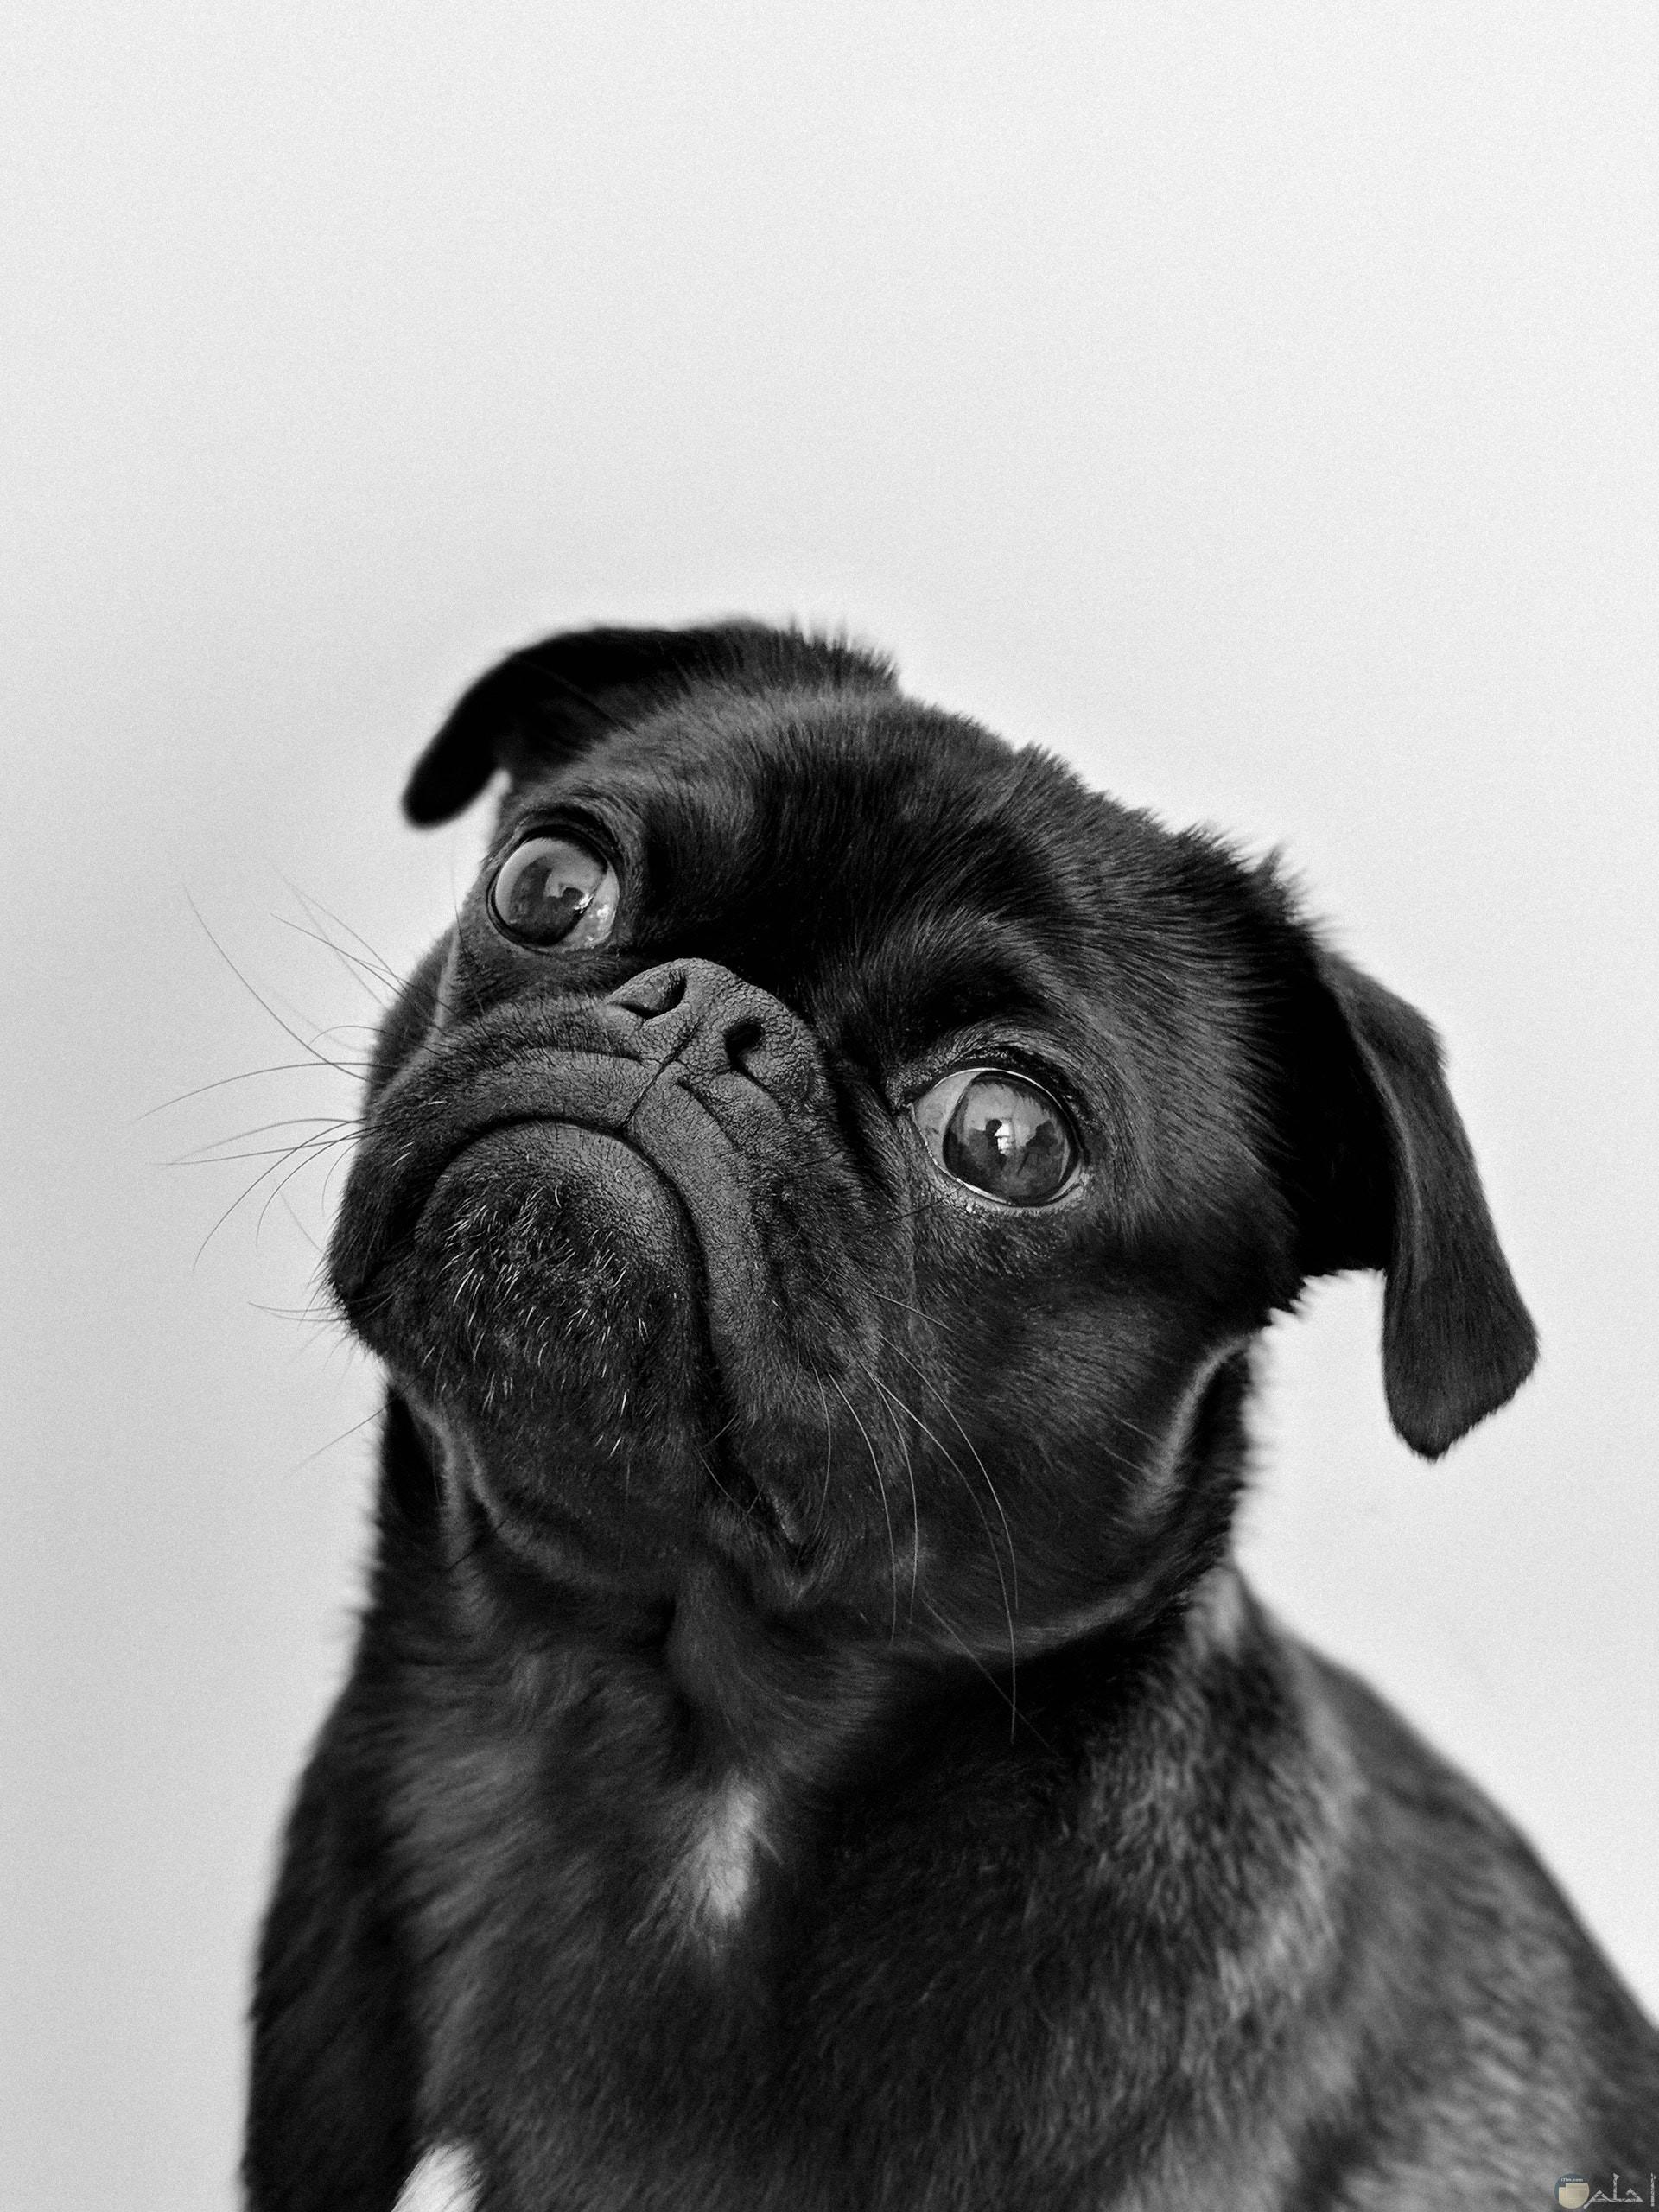 صورة كوميدية لكلب مع تعابير وجة مضحكة جدا